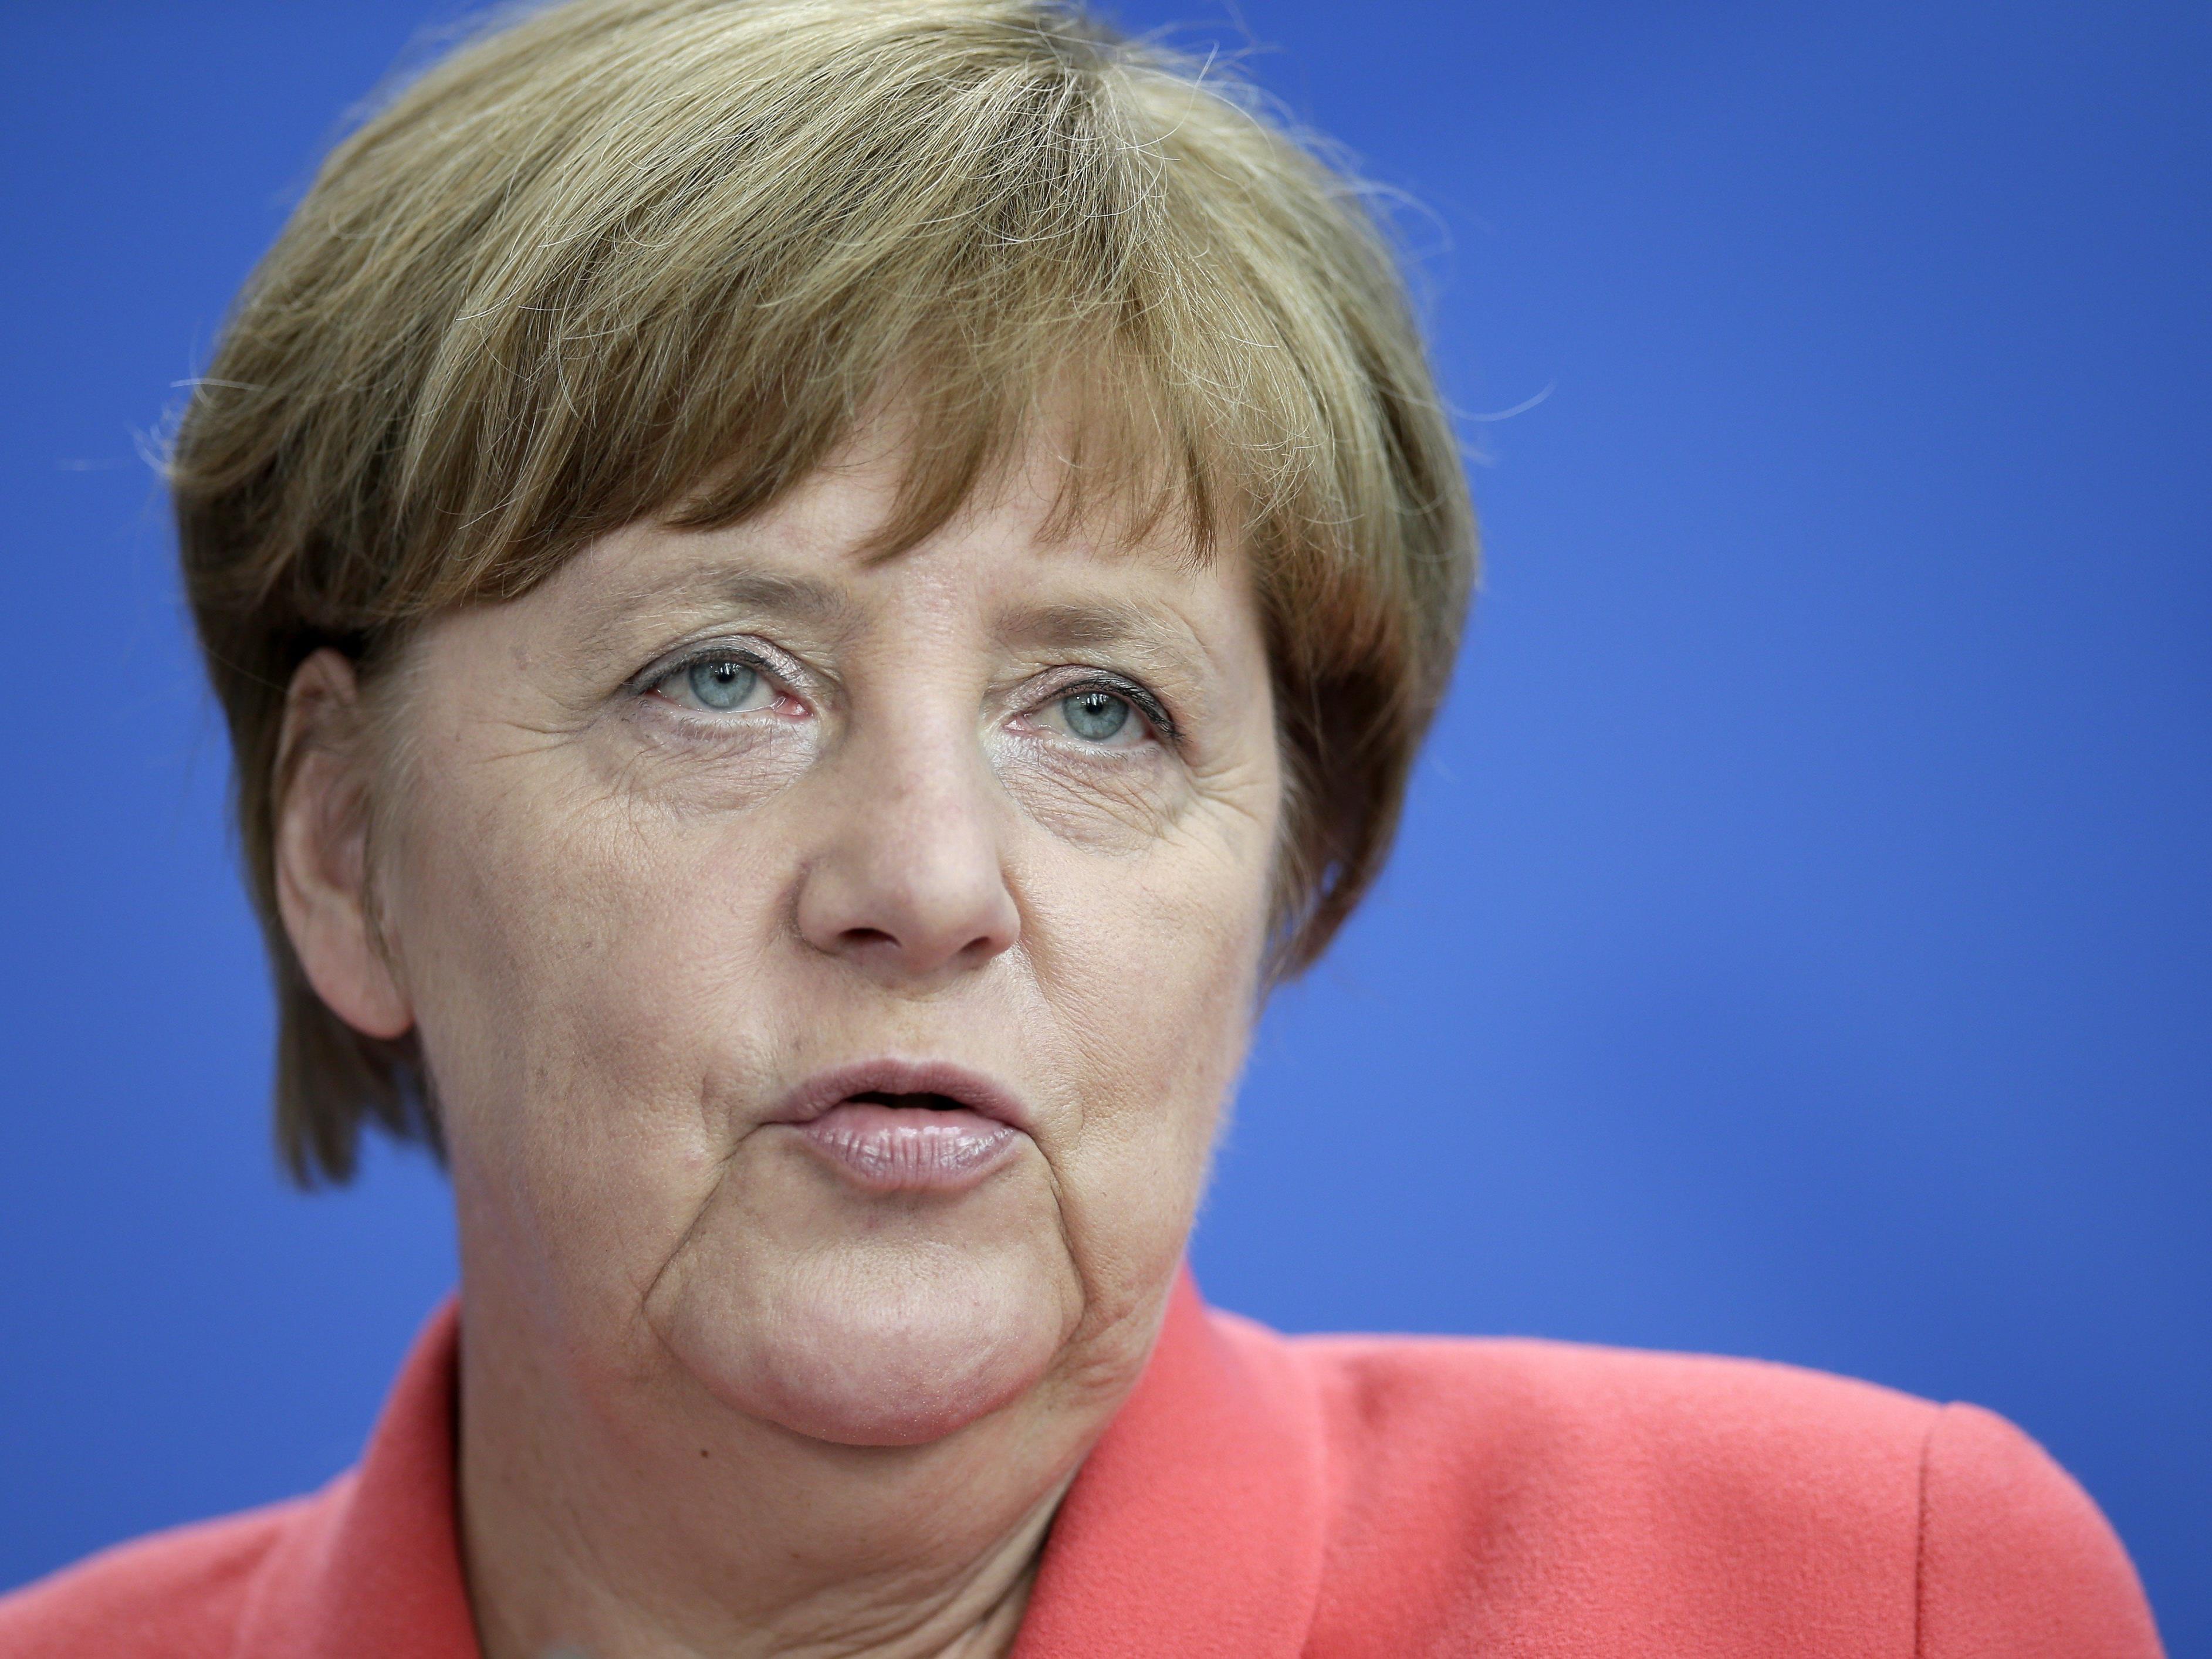 Die deutsche Bundeskanzlerin Angela Merkel ist die mächtigste Frau der Welt.